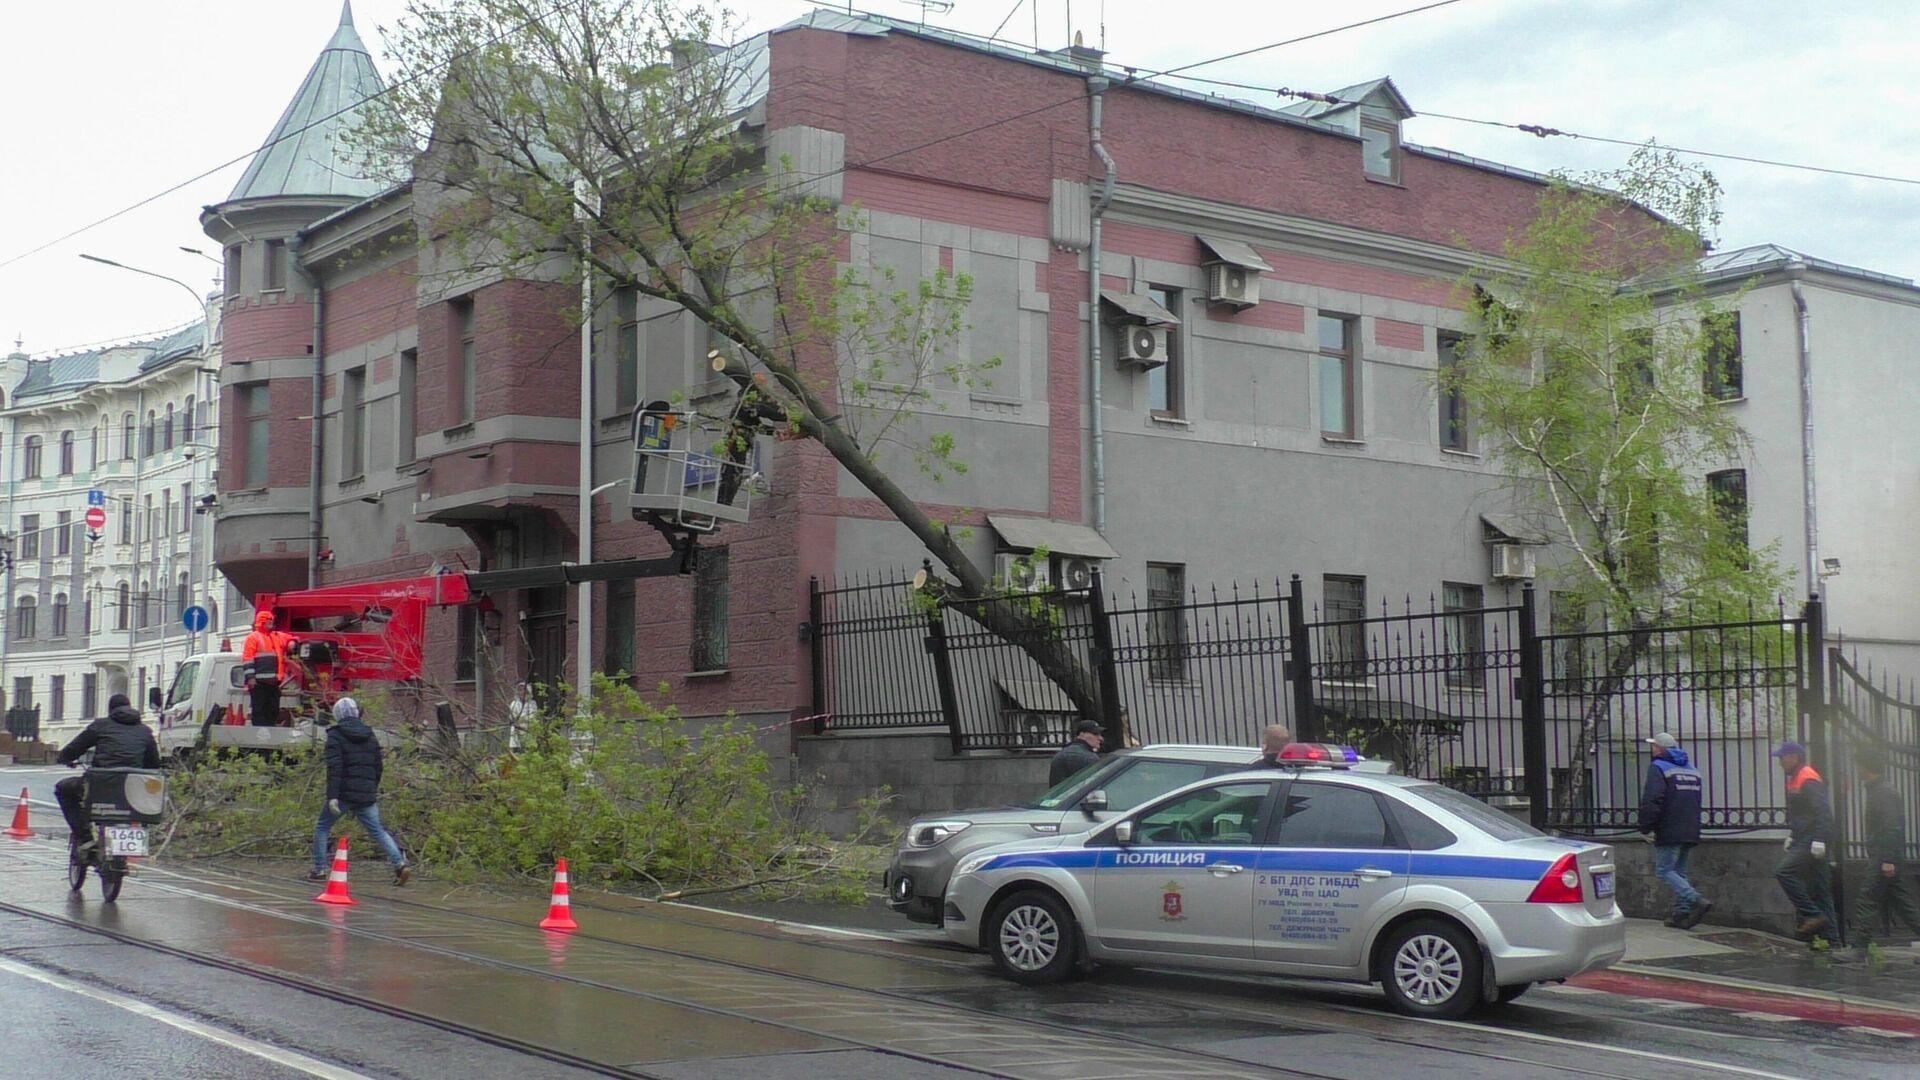 Аварийные службы устраняют последствия упавшего дерева на проезжую часть на Яузском бульваре - РИА Новости, 1920, 12.05.2021